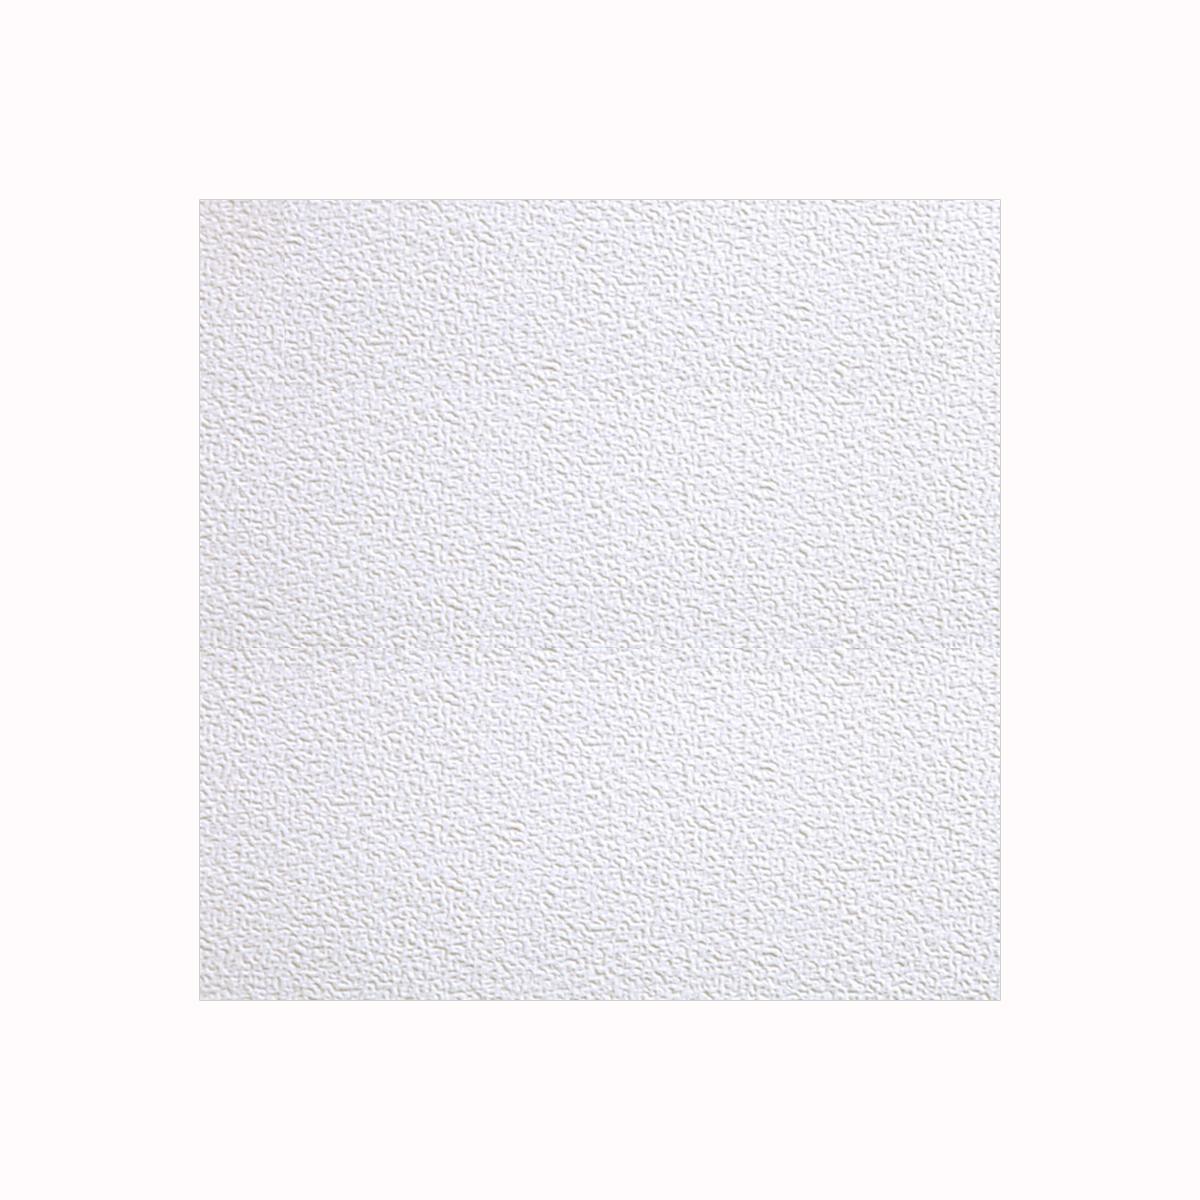 Бумага фактурная Лоза Яичная скорлупа, цвет: белый, 3 листа09840-20.000.00Фактурная бумага для скрапбукинга Лоза Яичная скорлупа позволит создать красивый альбом, фоторамку или открытку ручной работы, оформить подарок или аппликацию. Набор включает в себя 3 листа из плотной бумаги.Скрапбукинг - это хобби, которое способно приносить массу приятных эмоций не только человеку, который этим занимается, но и его близким, друзьям, родным. Это невероятно увлекательное занятие, которое поможет вам сохранить наиболее памятные и яркие моменты вашей жизни, а также интересно оформить интерьер дома.